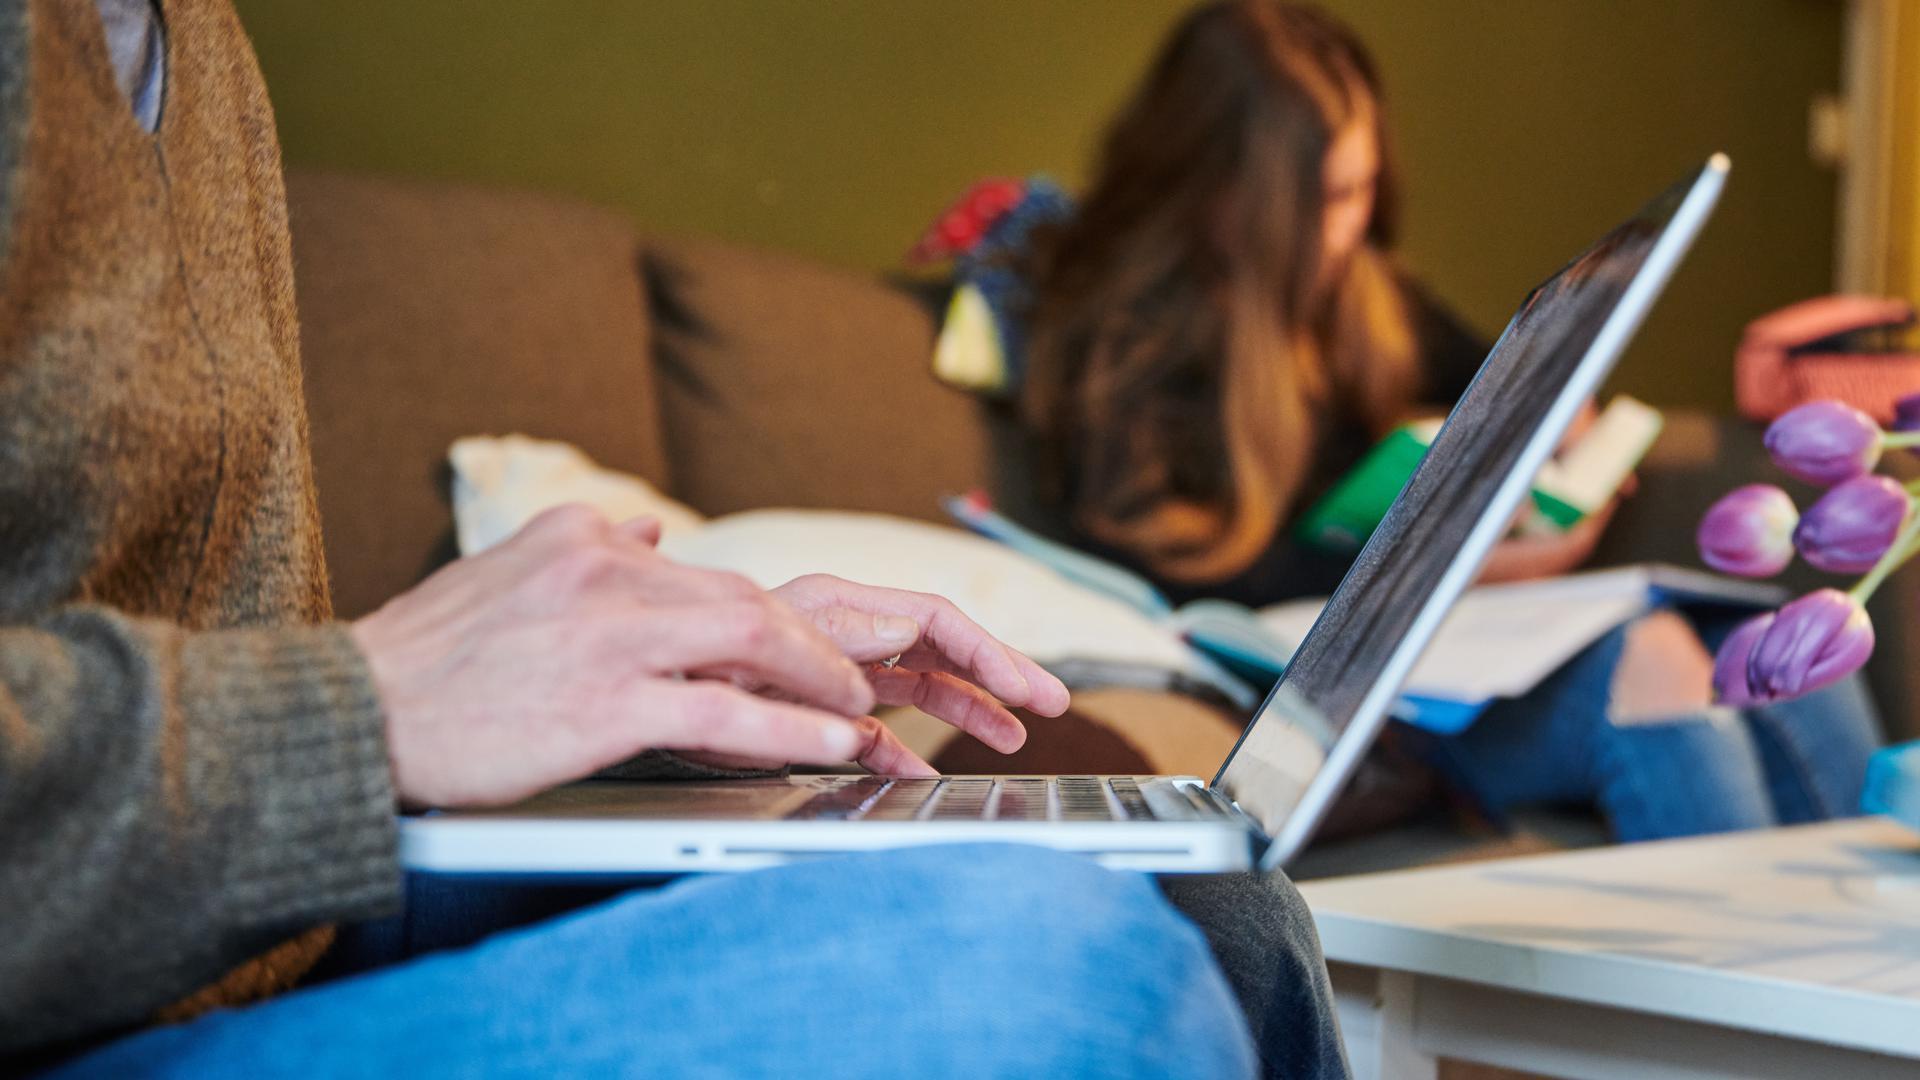 Eine Mutter arbeitet auf dem Sofa während ihre Tochter im Hintergrund in Schulhefte guckt. Wie ist die Situation von Frauen in der Corona-Krise? Verstärken sich in der Pandemie Geschlechterungleichheiten etwa bei Haushalt und Erziehung? +++ dpa-Bildfunk +++